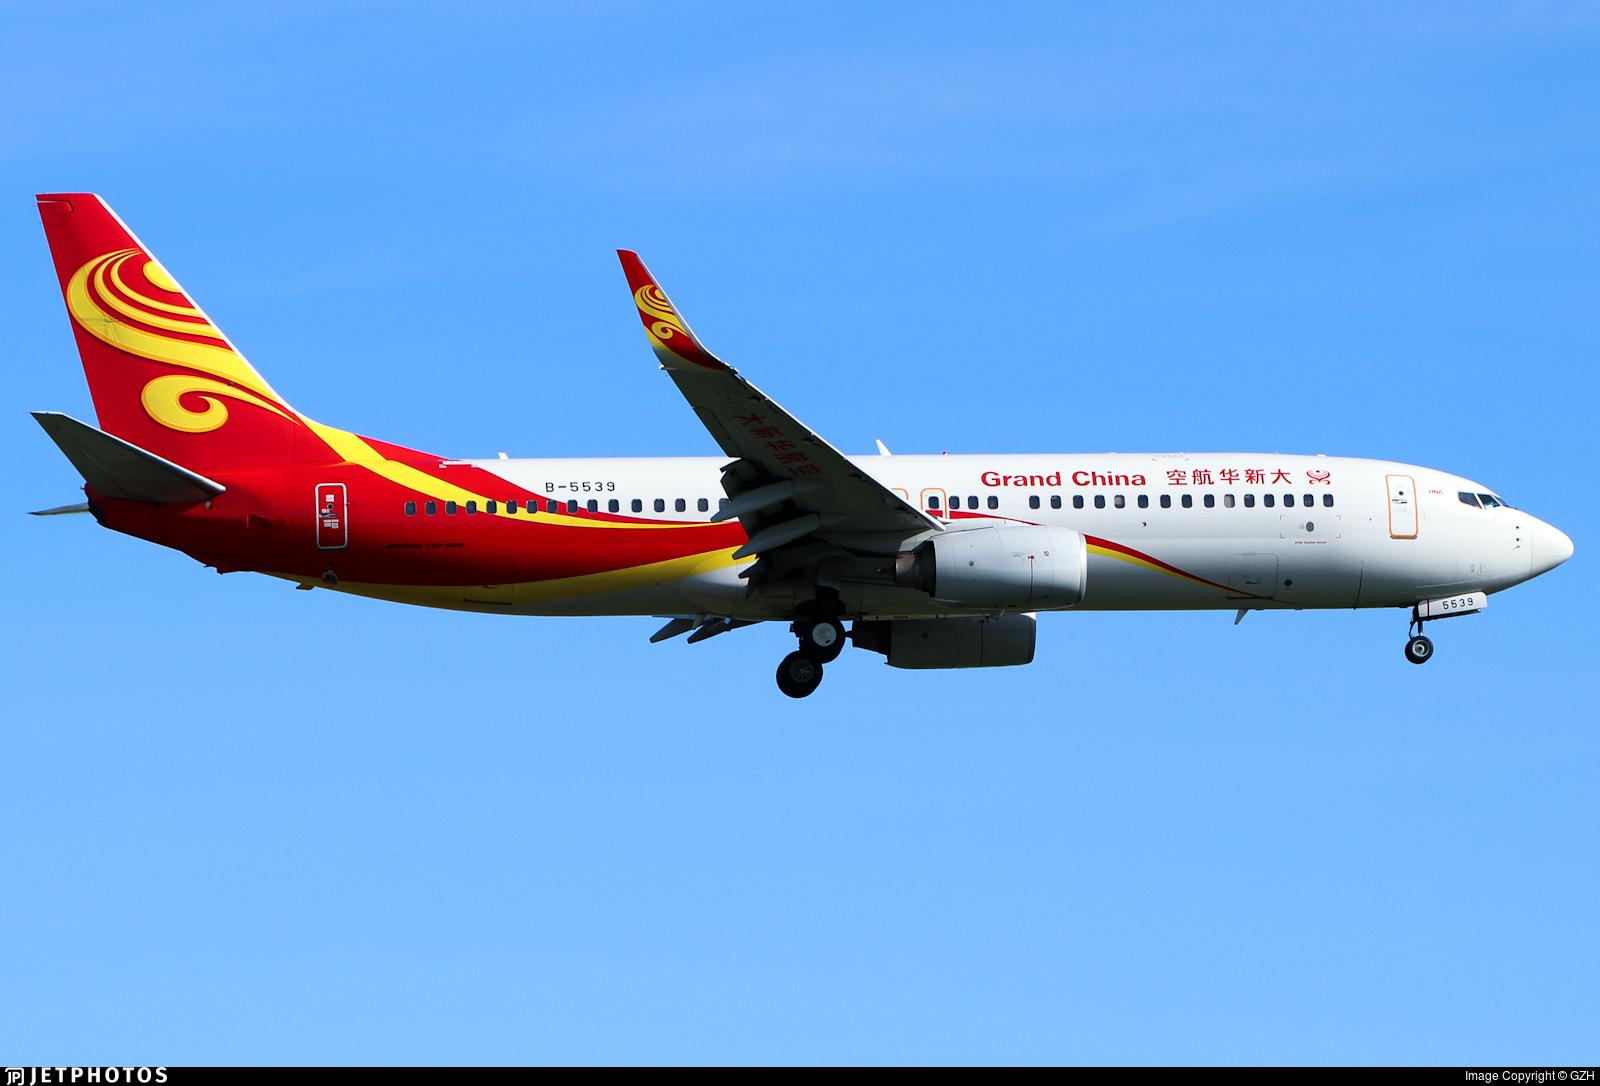 B-5539 - Boeing 737-84P - Grand China Air